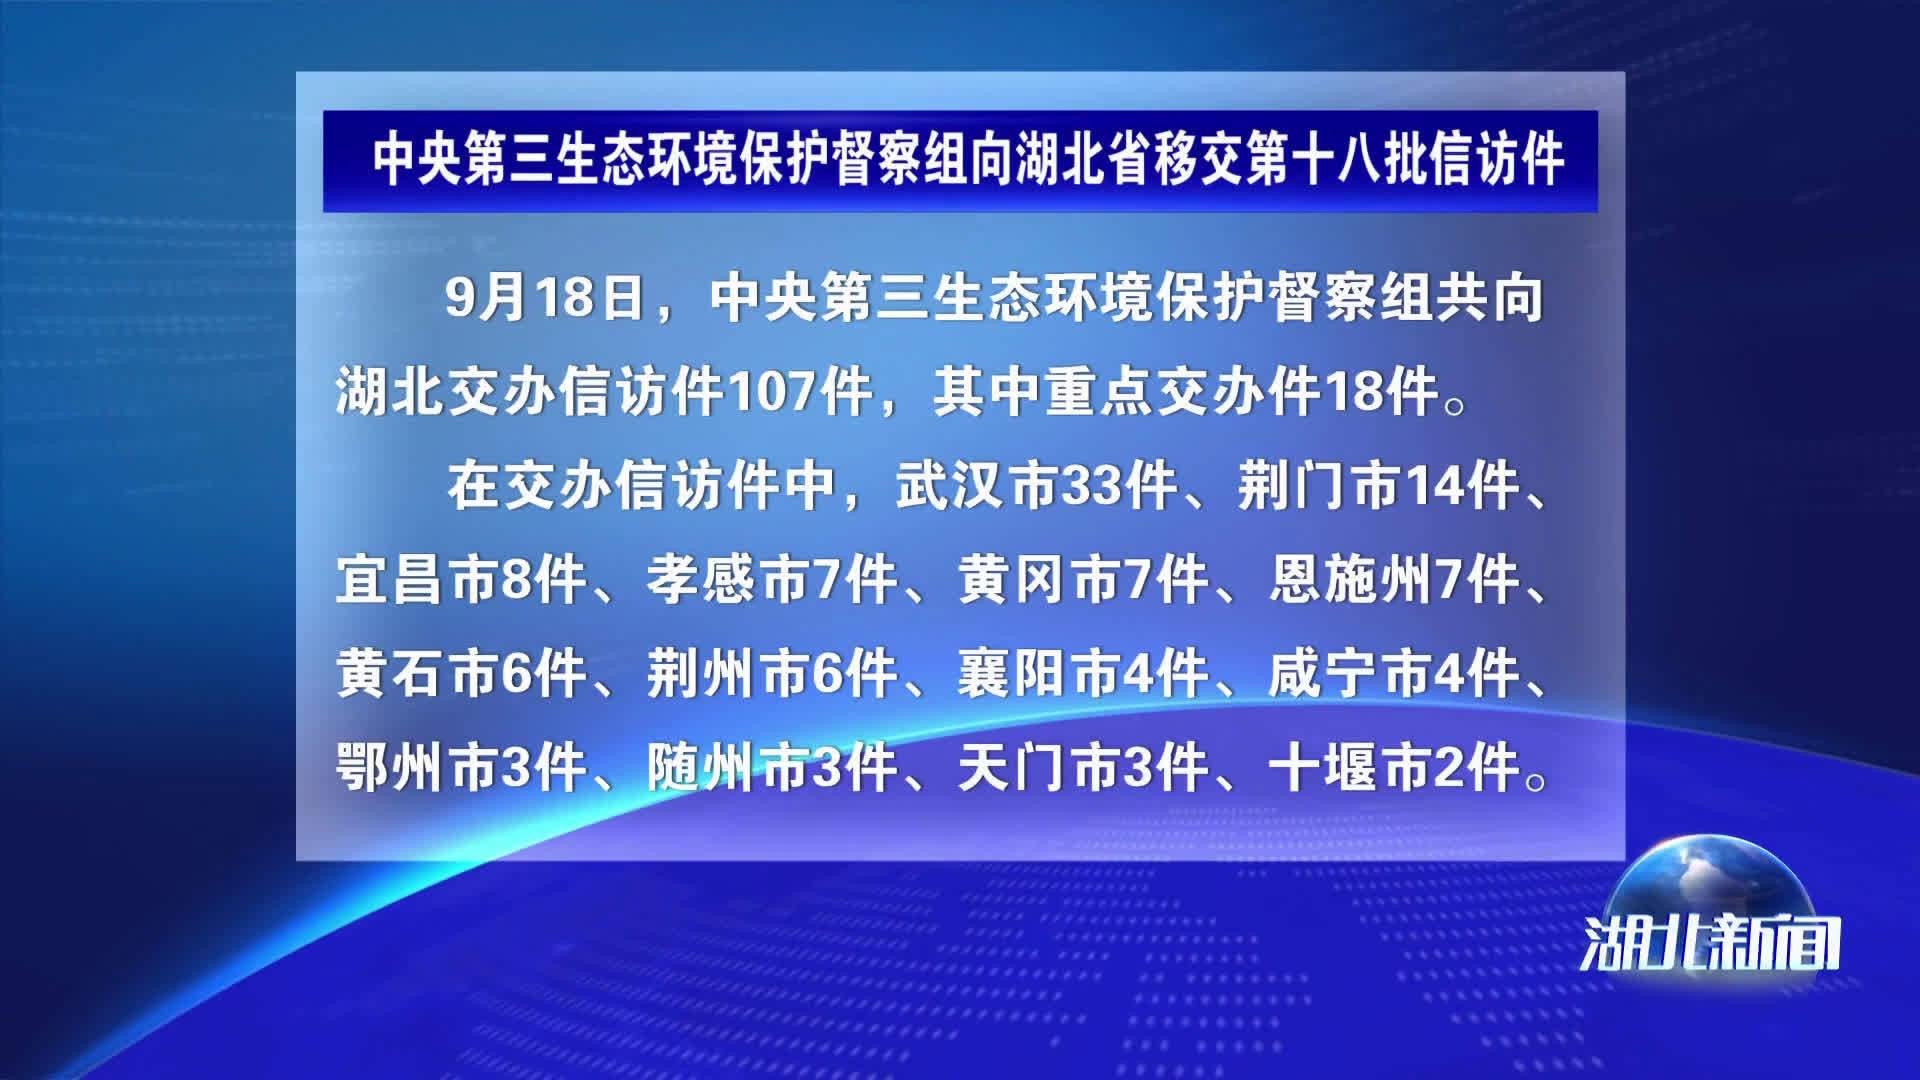 中央第三生态环境保护督察组向湖北省移交第十八批信访件